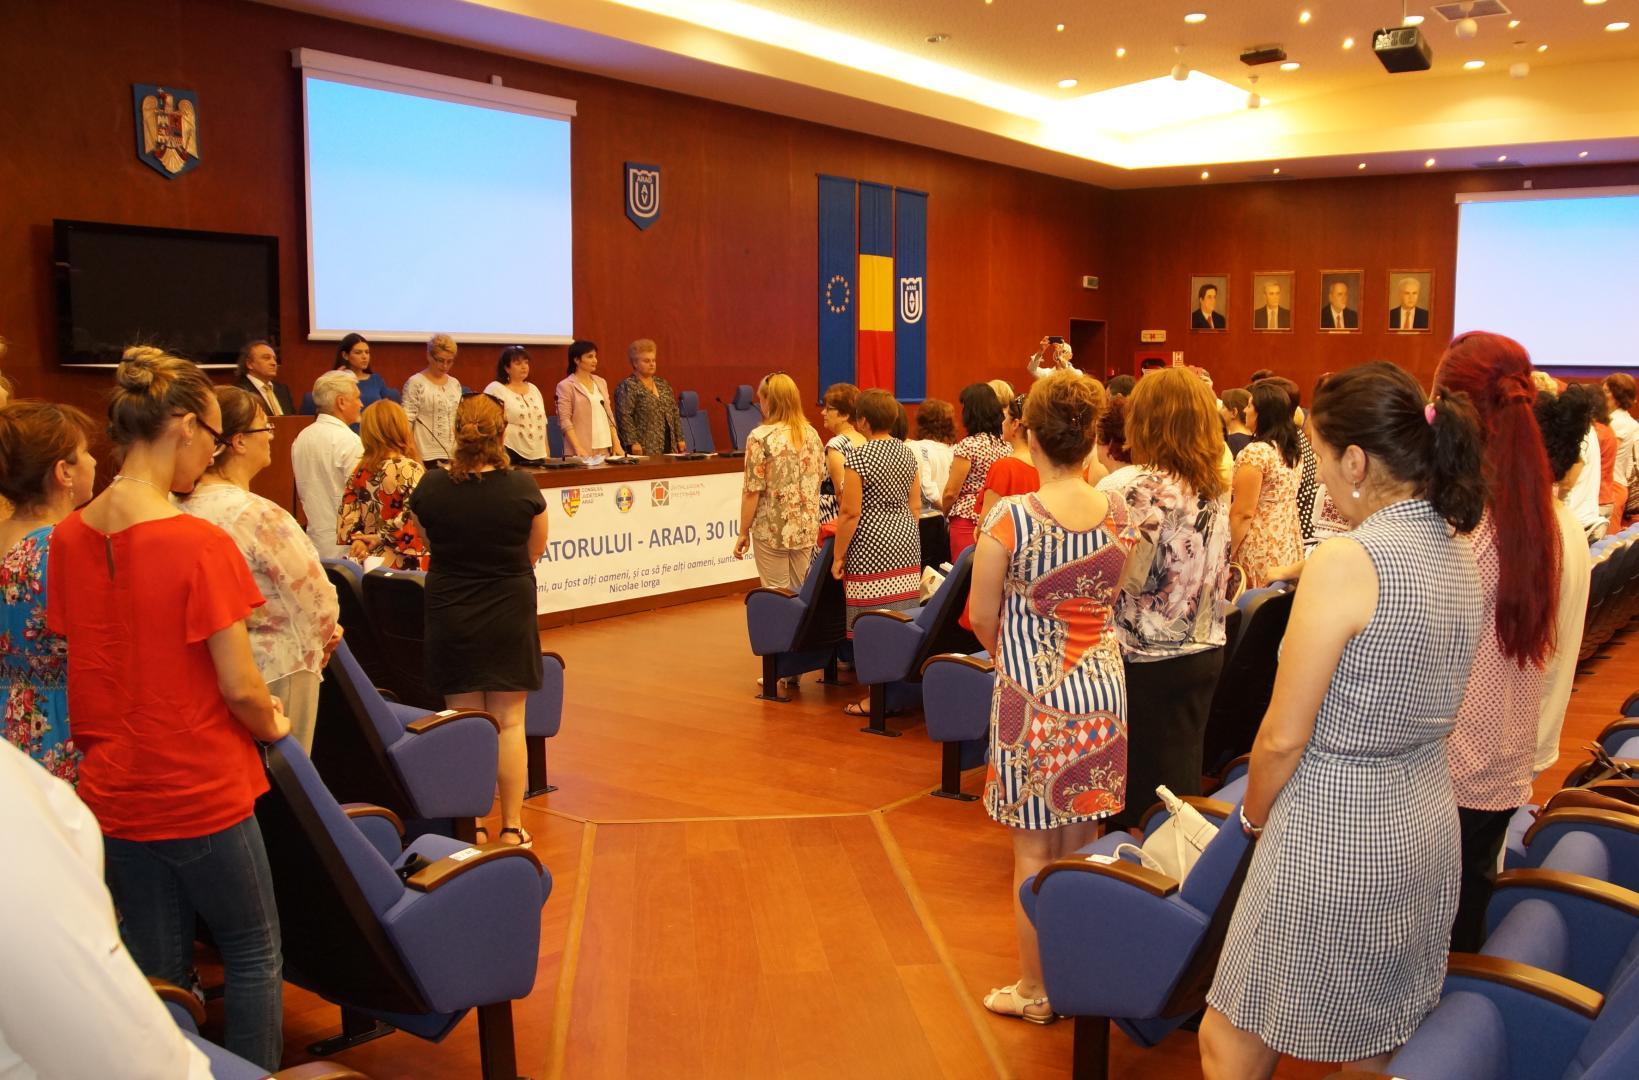 Asociația Generală a Învățătorilor din România, reuniune festivă la Alba Iulia